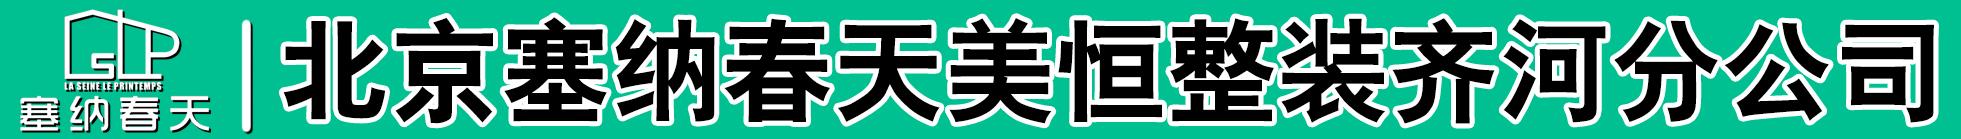 北京塞纳春天美恒整装齐河分公司